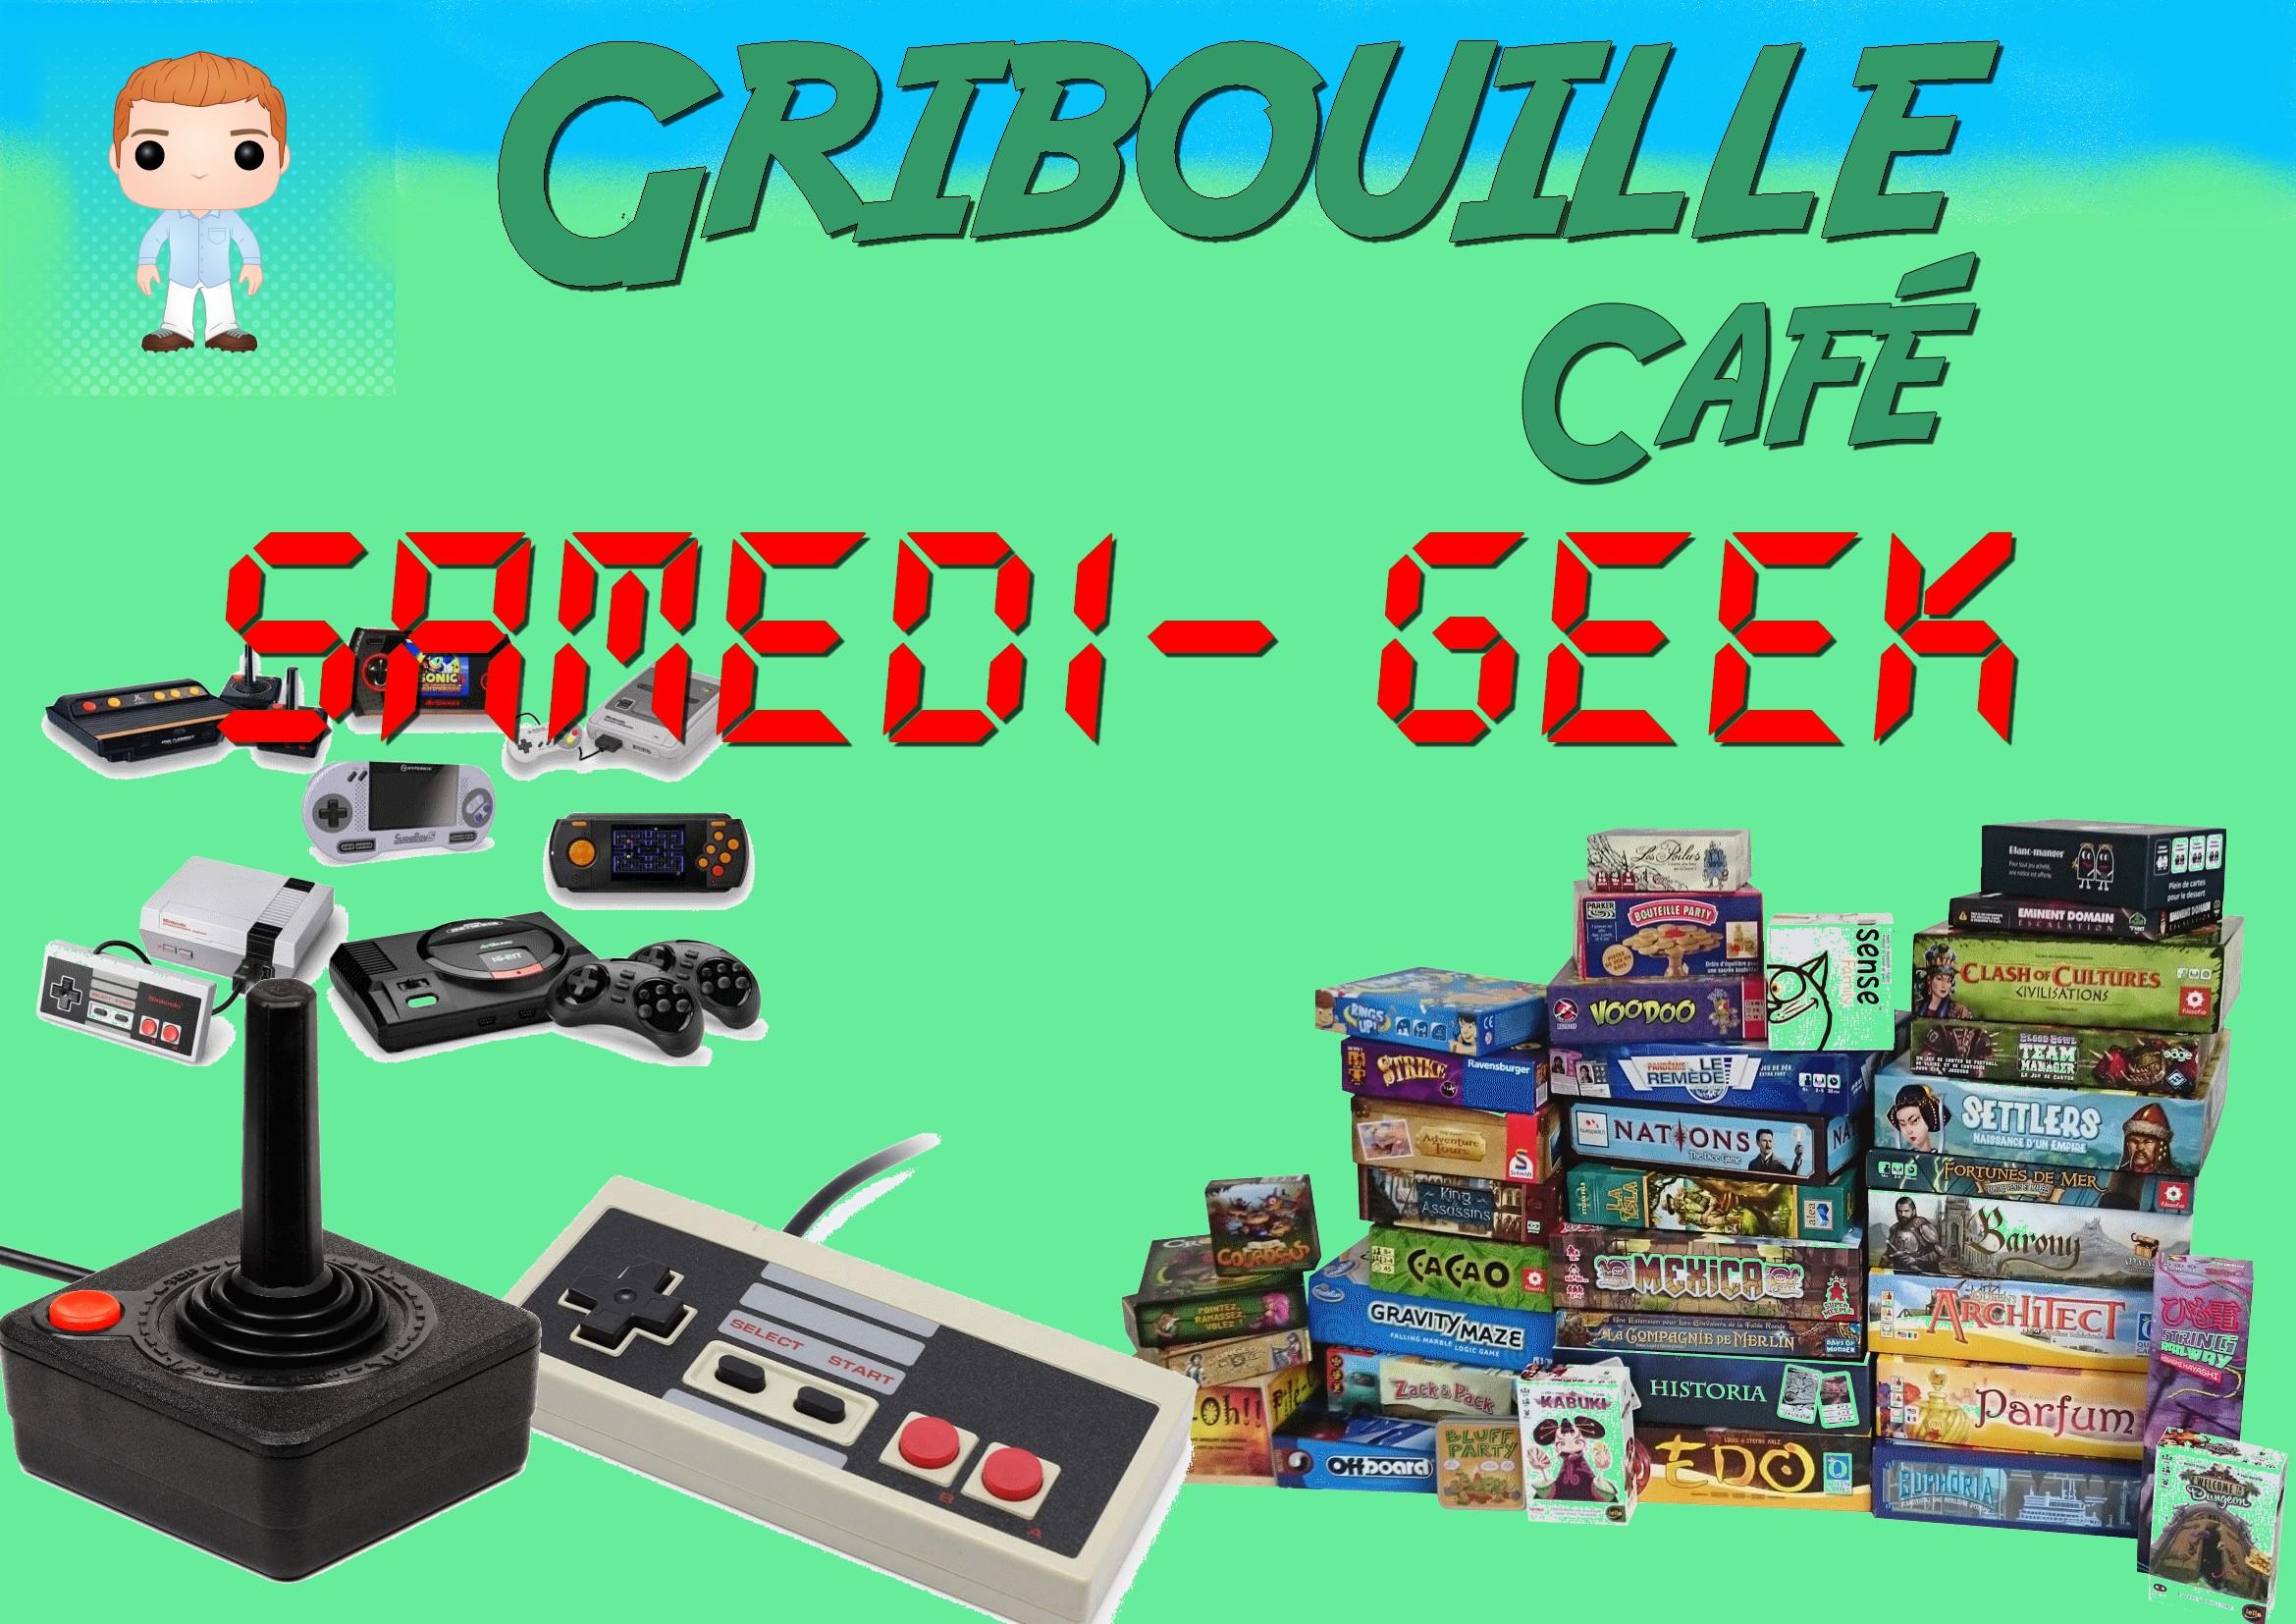 Gribouille Café